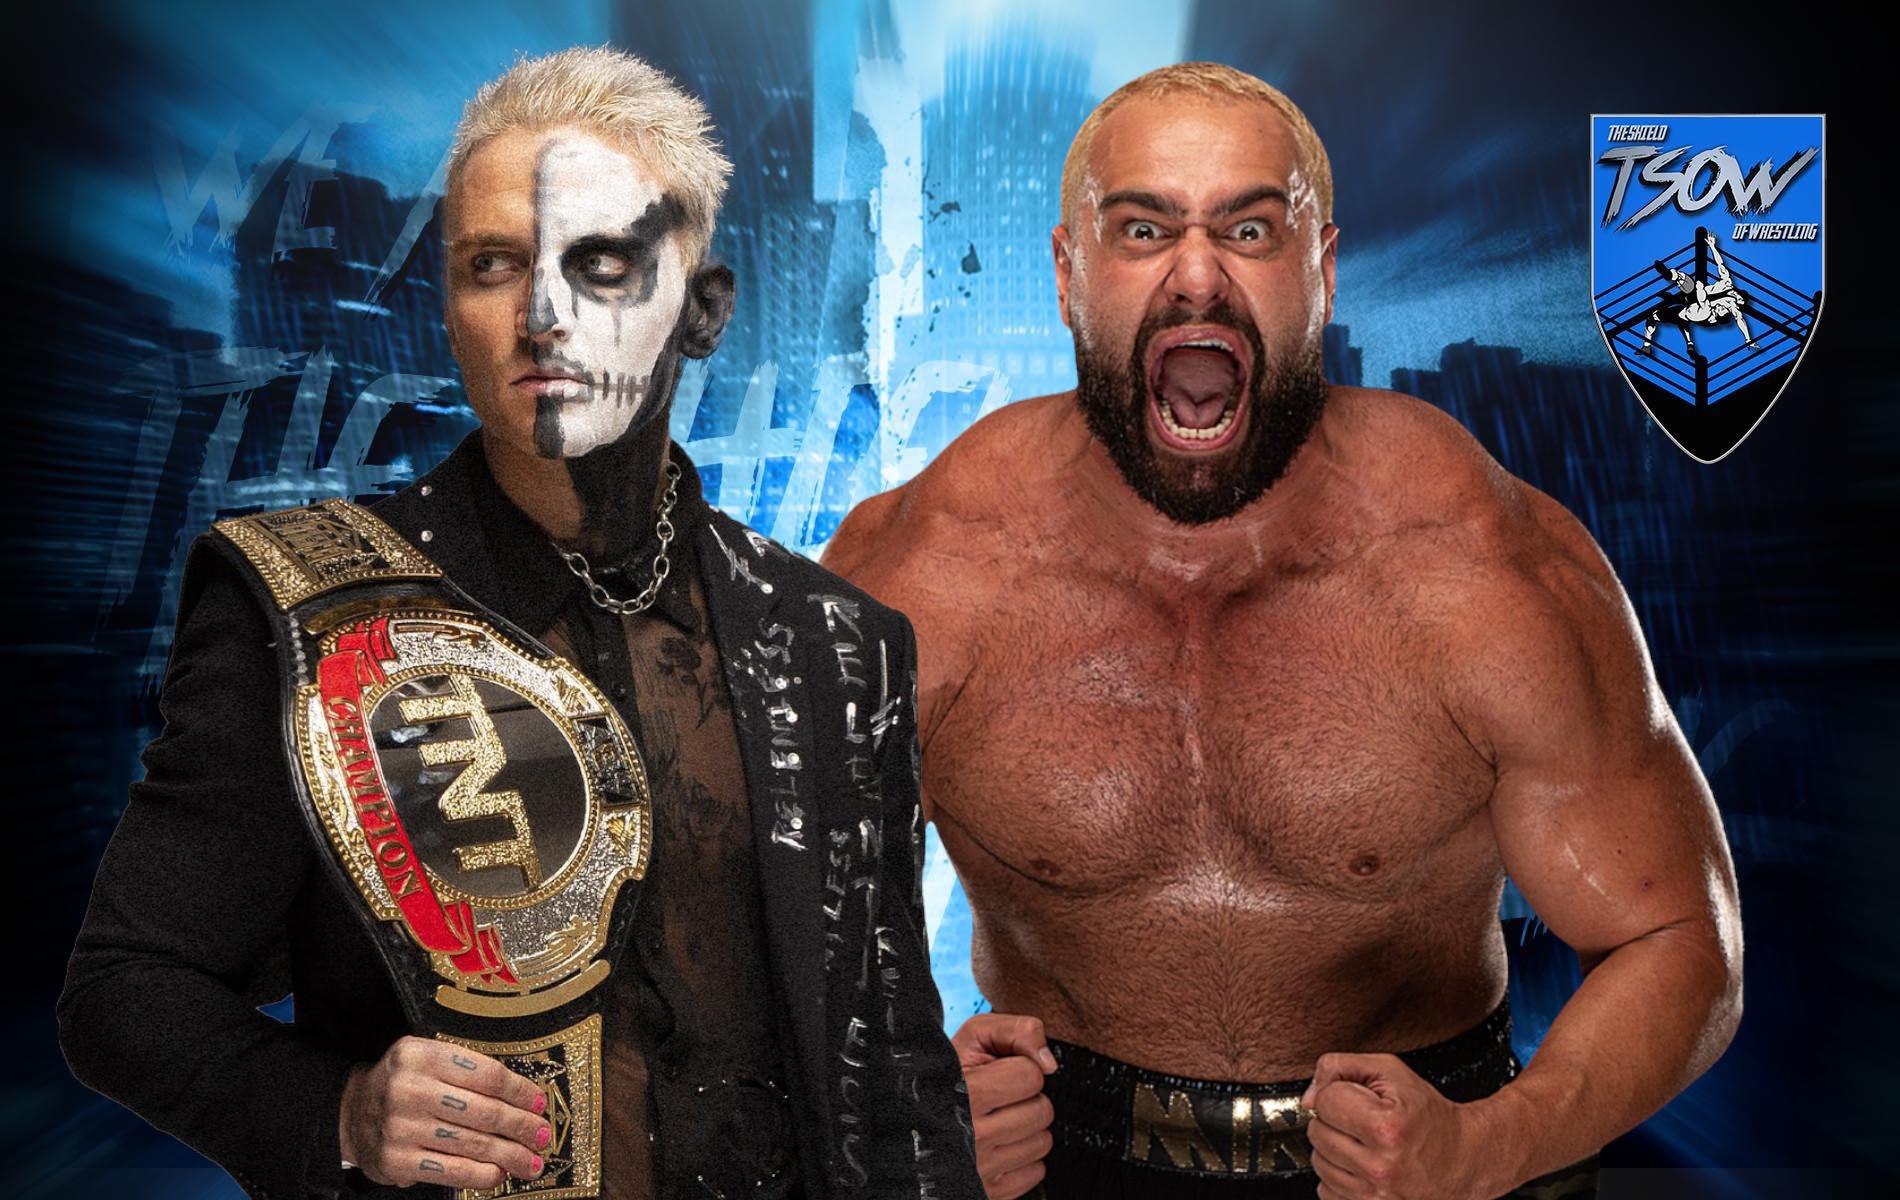 Miro batte Darby Allin e vince il TNT Championship